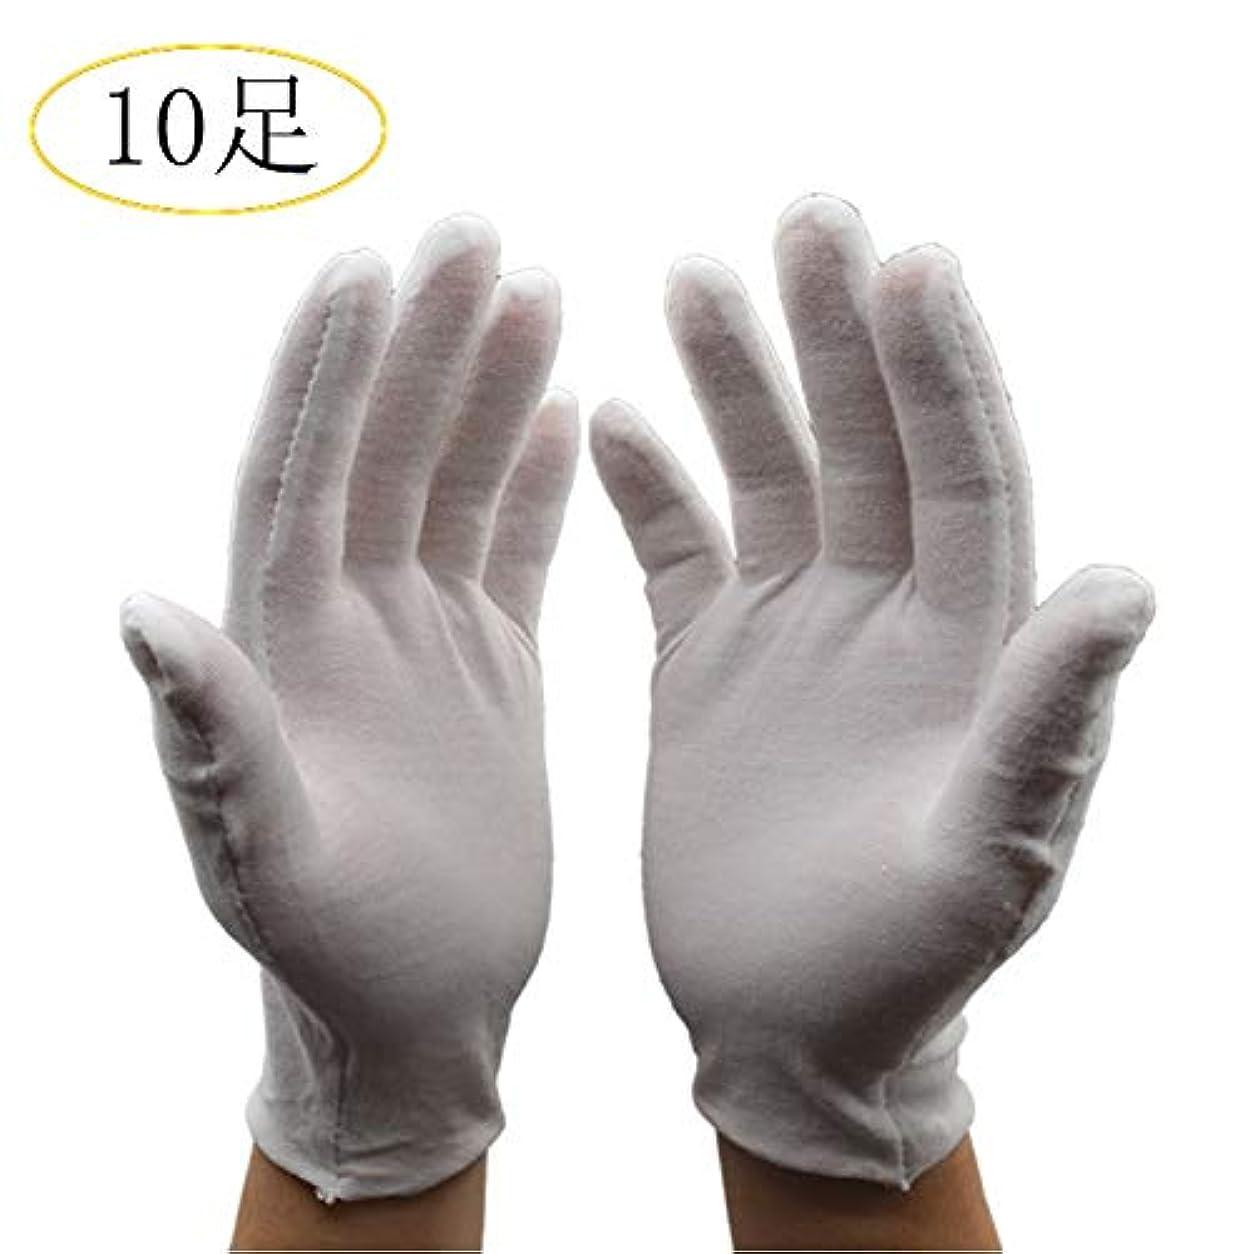 ワイヤージョージバーナード十分なZMiw コットン手袋 綿手袋 インナーコットン手袋 ガーデニング用手袋 20枚入り 手荒れ 手袋 Sサイズ 湿疹用 乾燥肌用 保湿用 家事用 礼装用